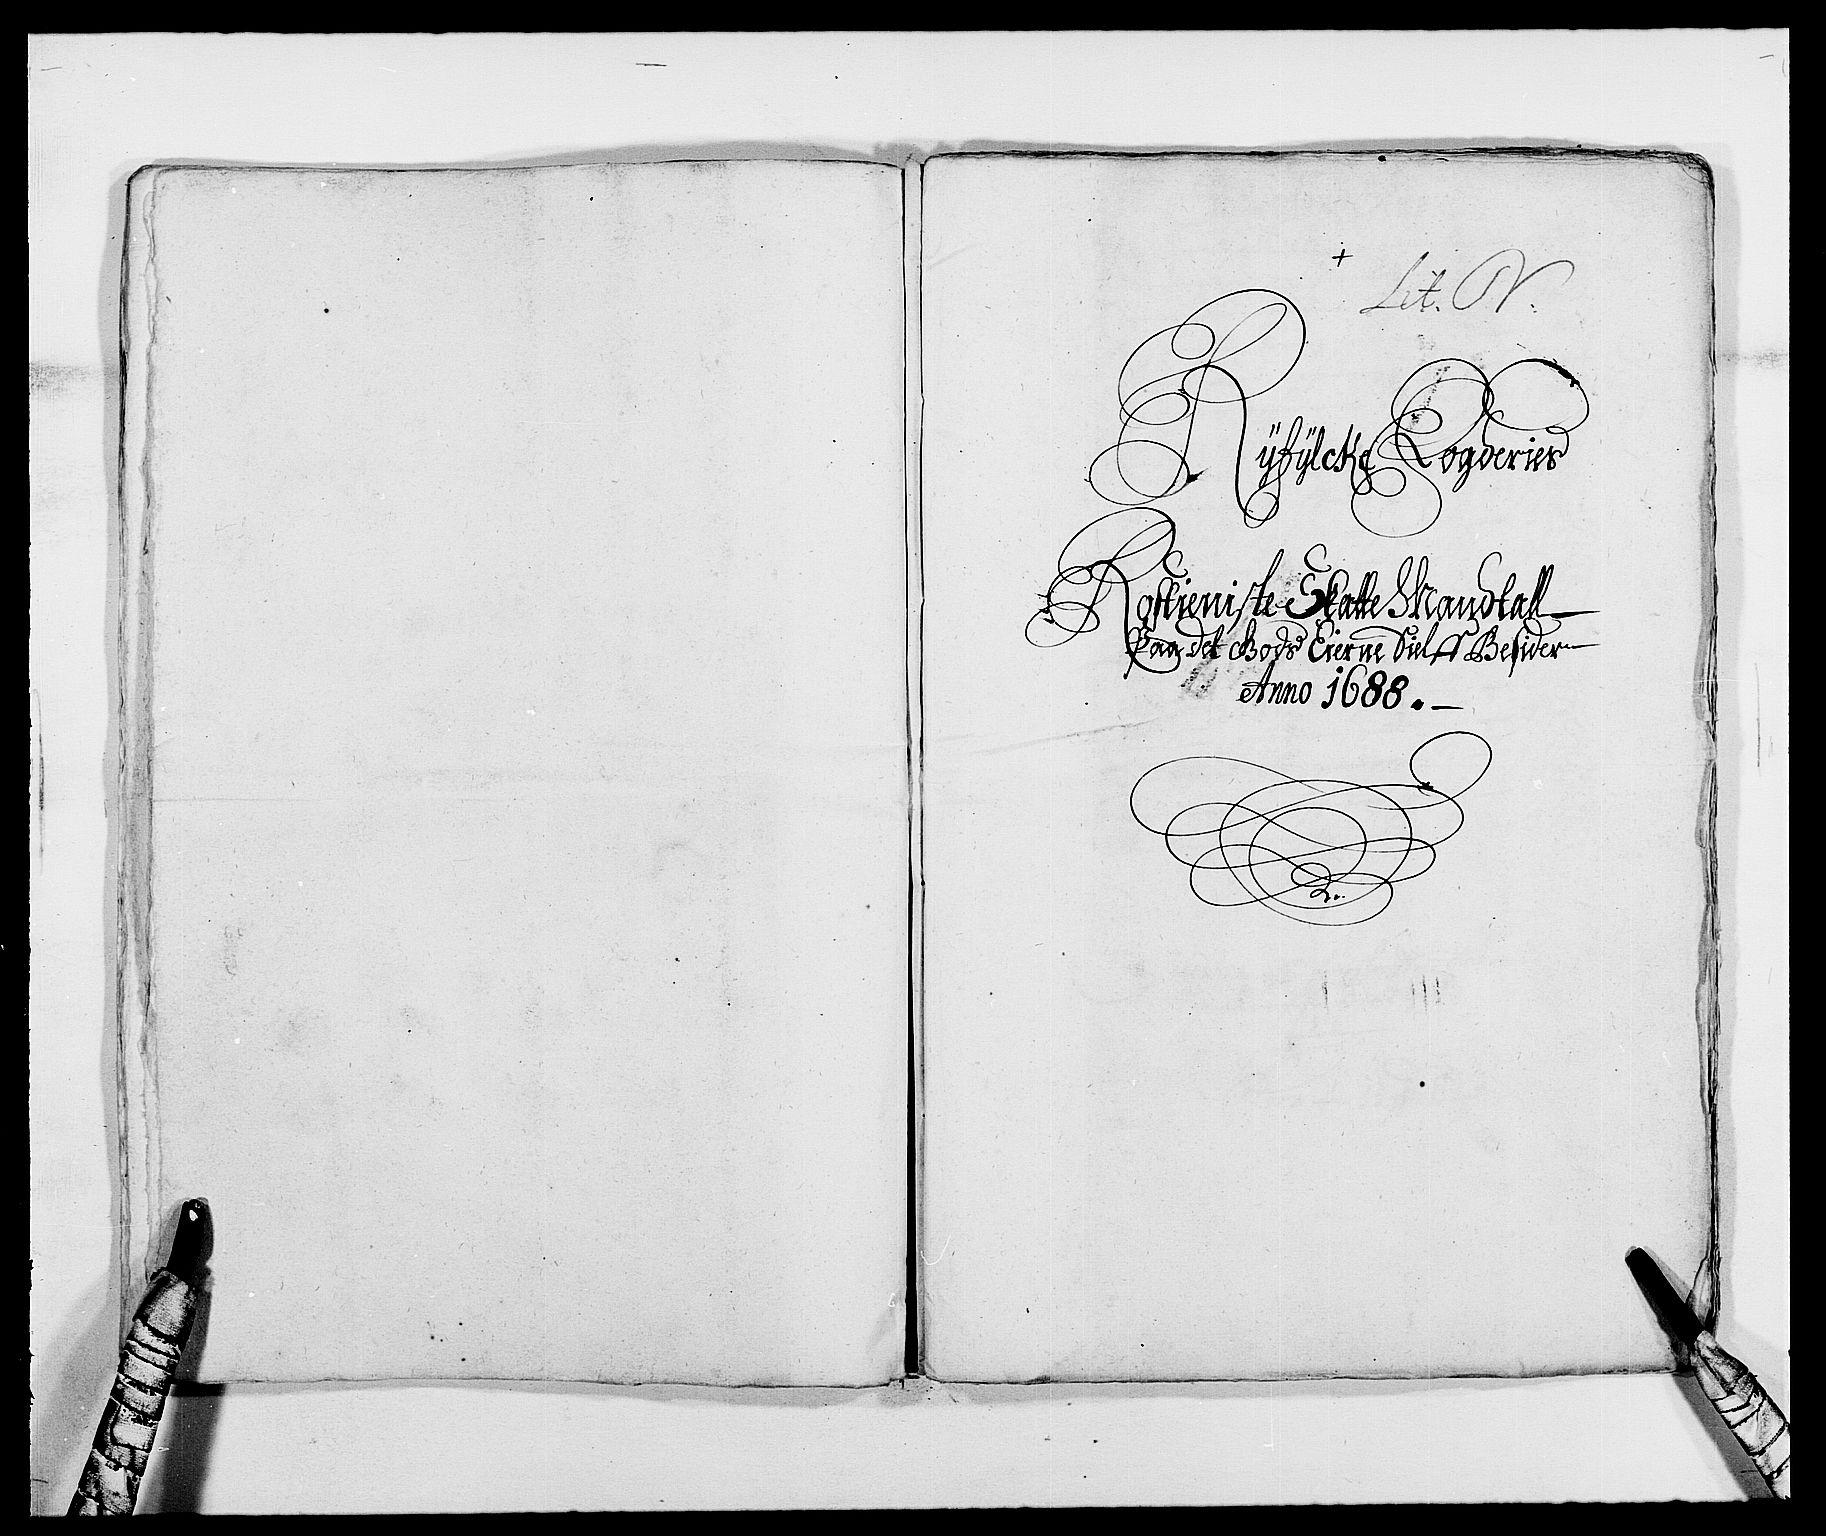 RA, Rentekammeret inntil 1814, Reviderte regnskaper, Fogderegnskap, R47/L2855: Fogderegnskap Ryfylke, 1685-1688, s. 422